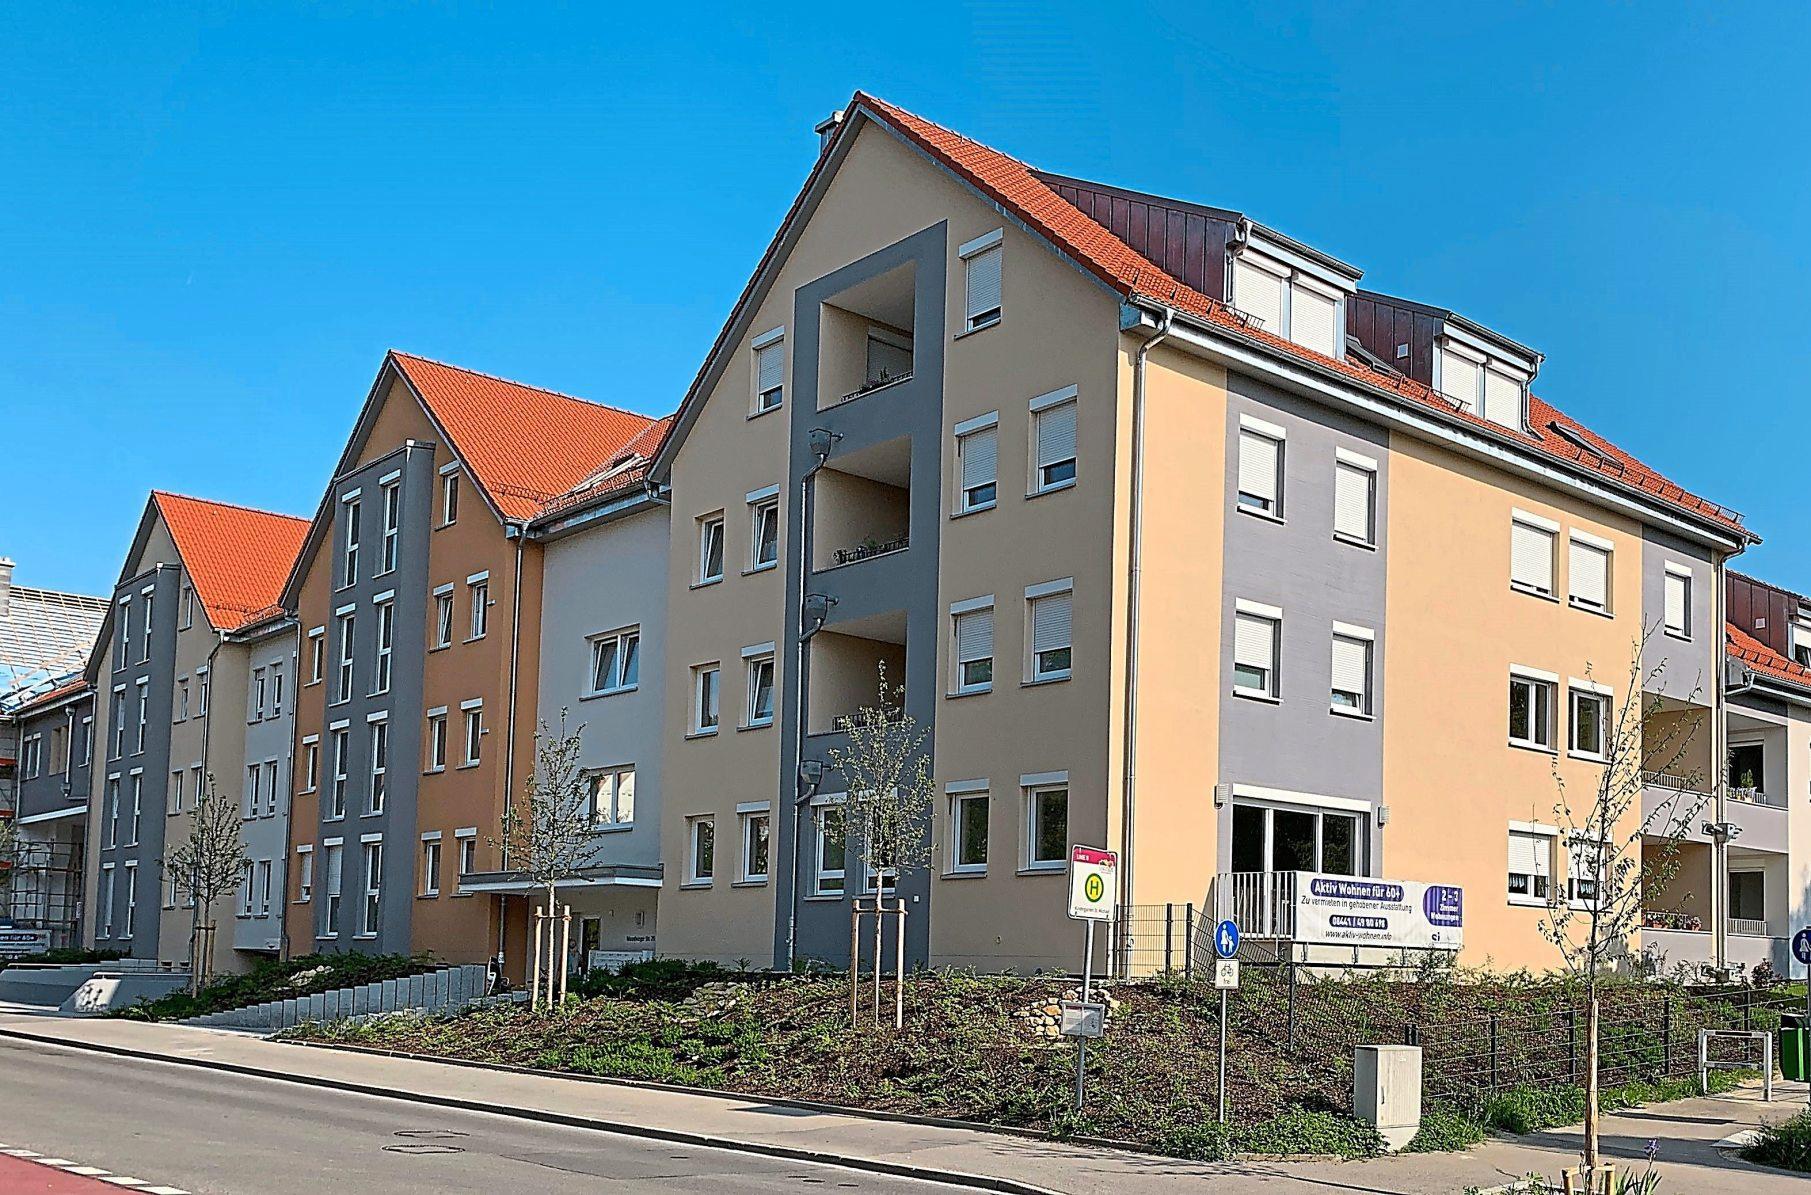 Repräsentative Ansicht: Der Appartement-Komplex Hollerpark an der Moosburger Straße in Pfaffenhofen vereint Tradition mit Moderne. In kürzester Zeit waren fast alle der 42 Anfang des Jahres fertiggestellten Wohnungen verkauft. Ansprechend sind auch die Außenanlagen gestaltet. Fotos: Amort